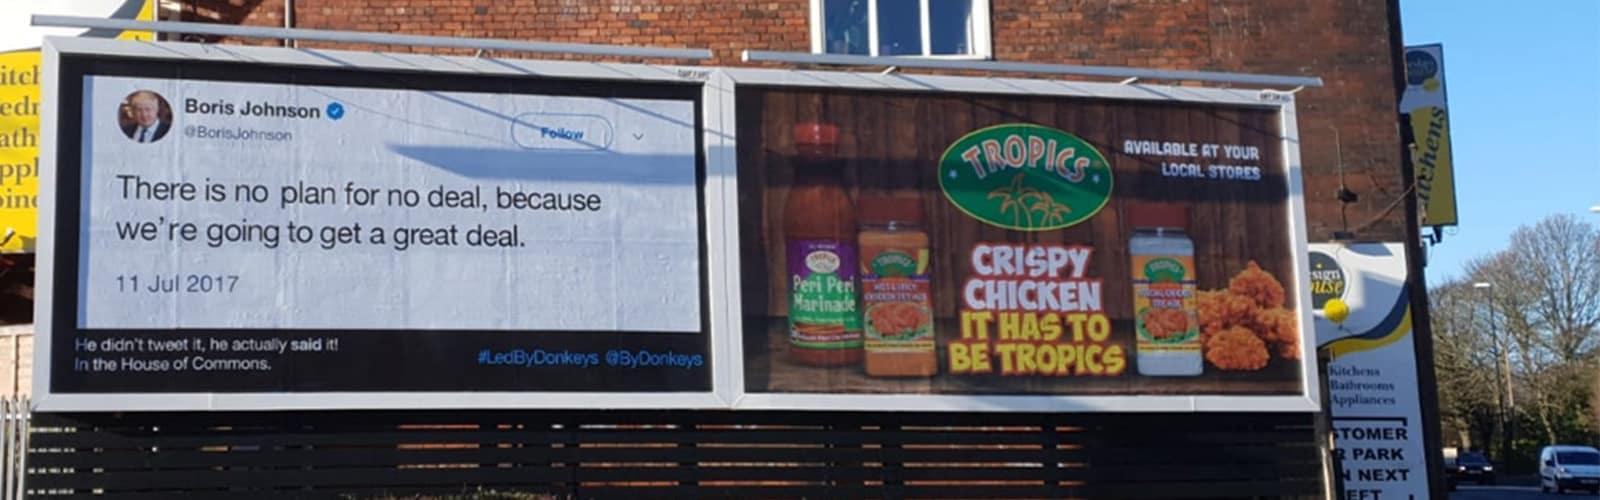 Brexit billboard campaign